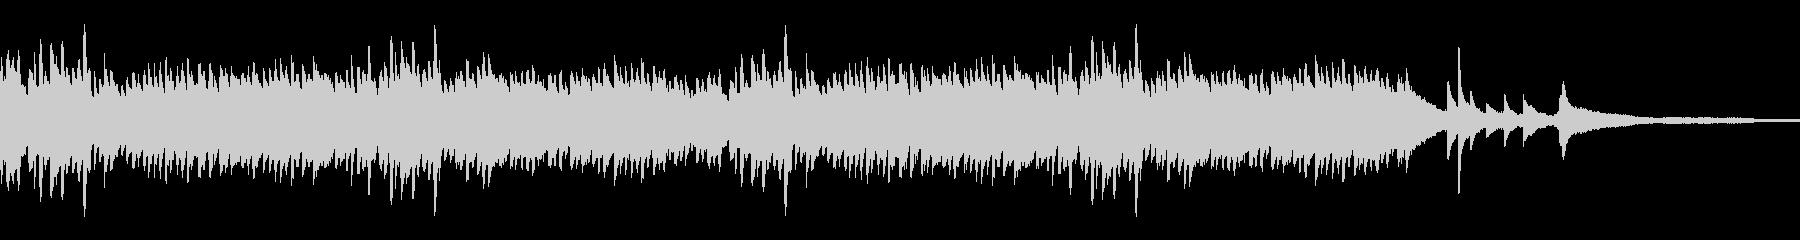 感傷的なアルペジオが印象的なピアノ曲の未再生の波形